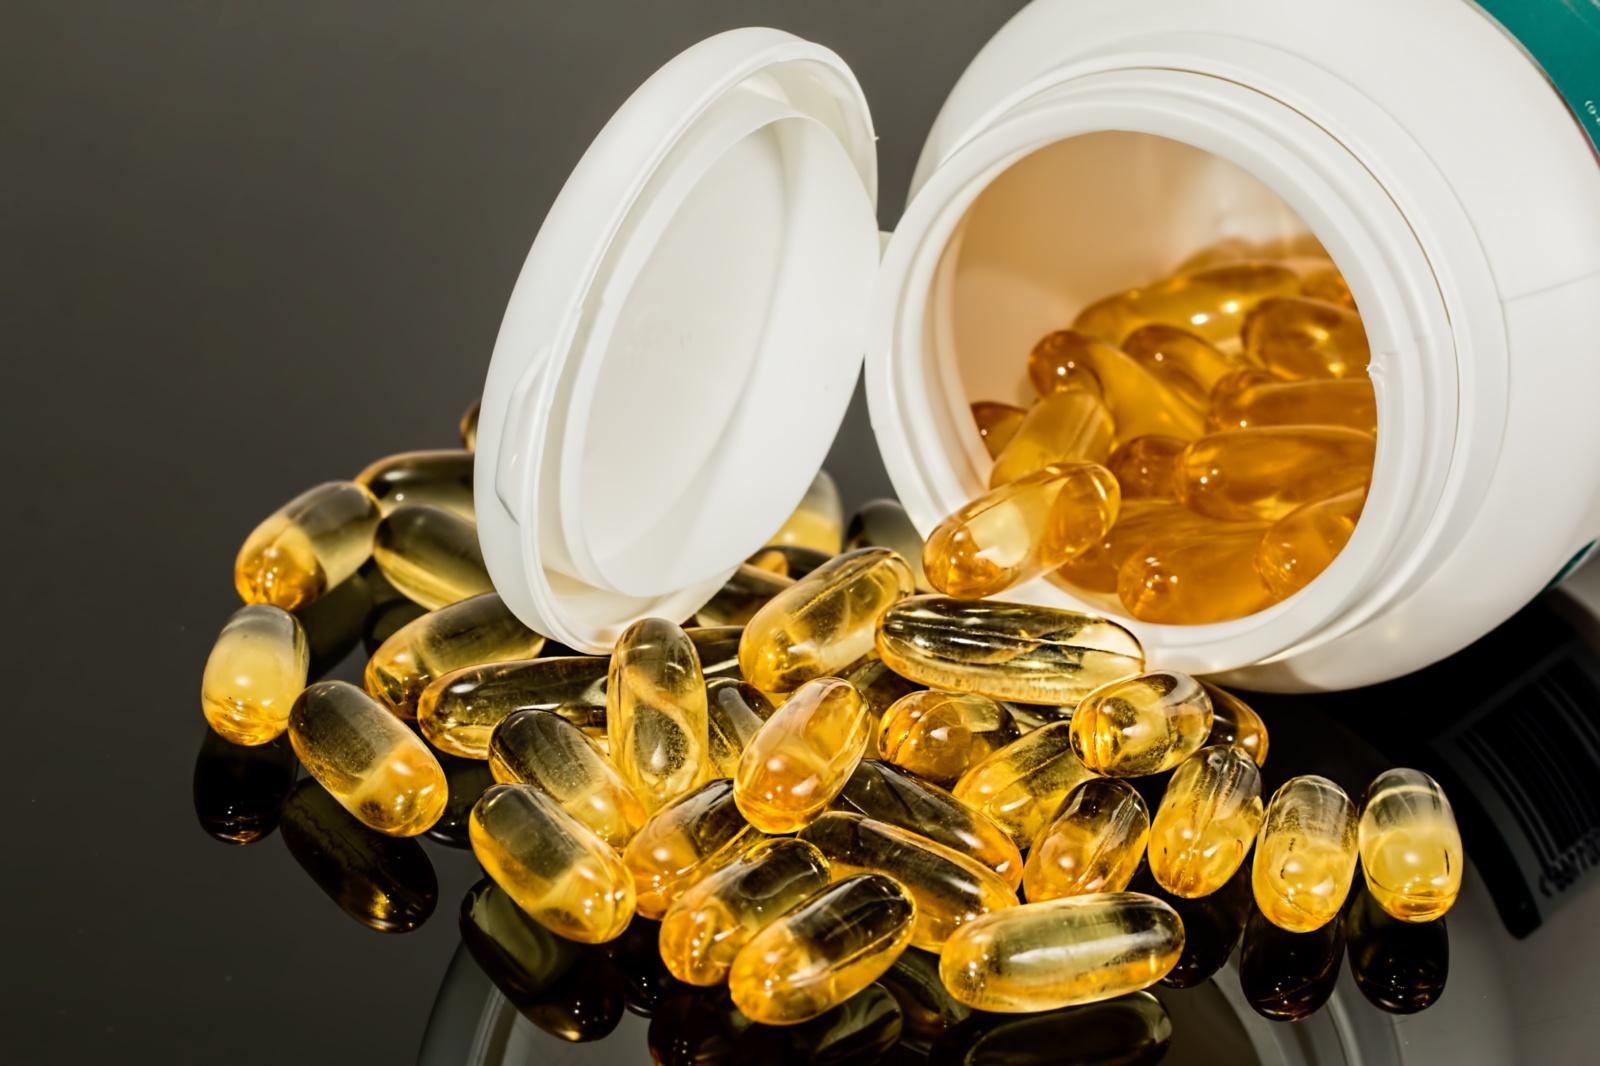 Nėra prasmės pirkti vitaminų ir mikroelementų